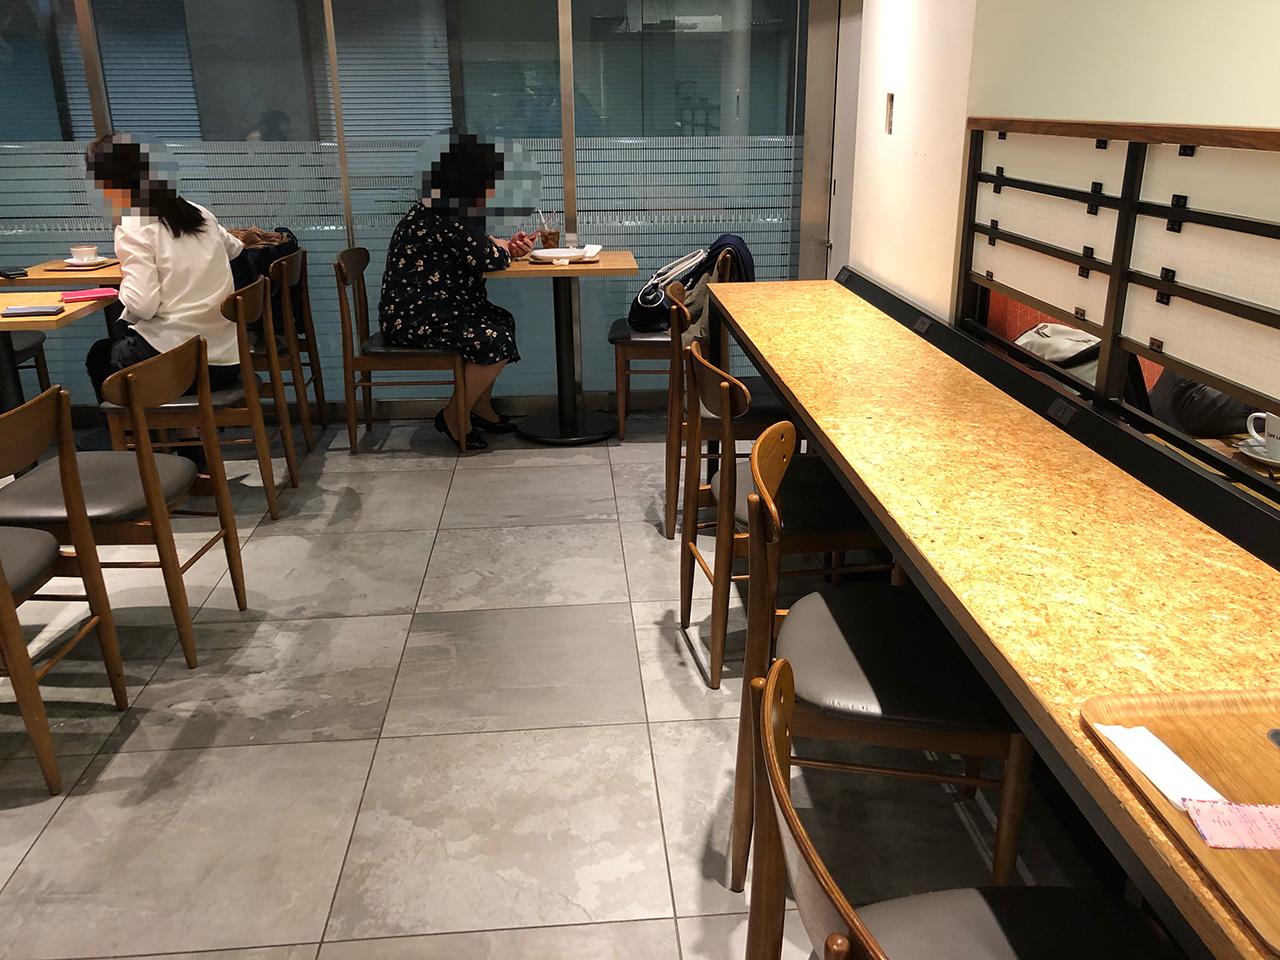 CAFE LEXCEL(カフェ レクセル) 東京国際フォーラム店の投稿写真3